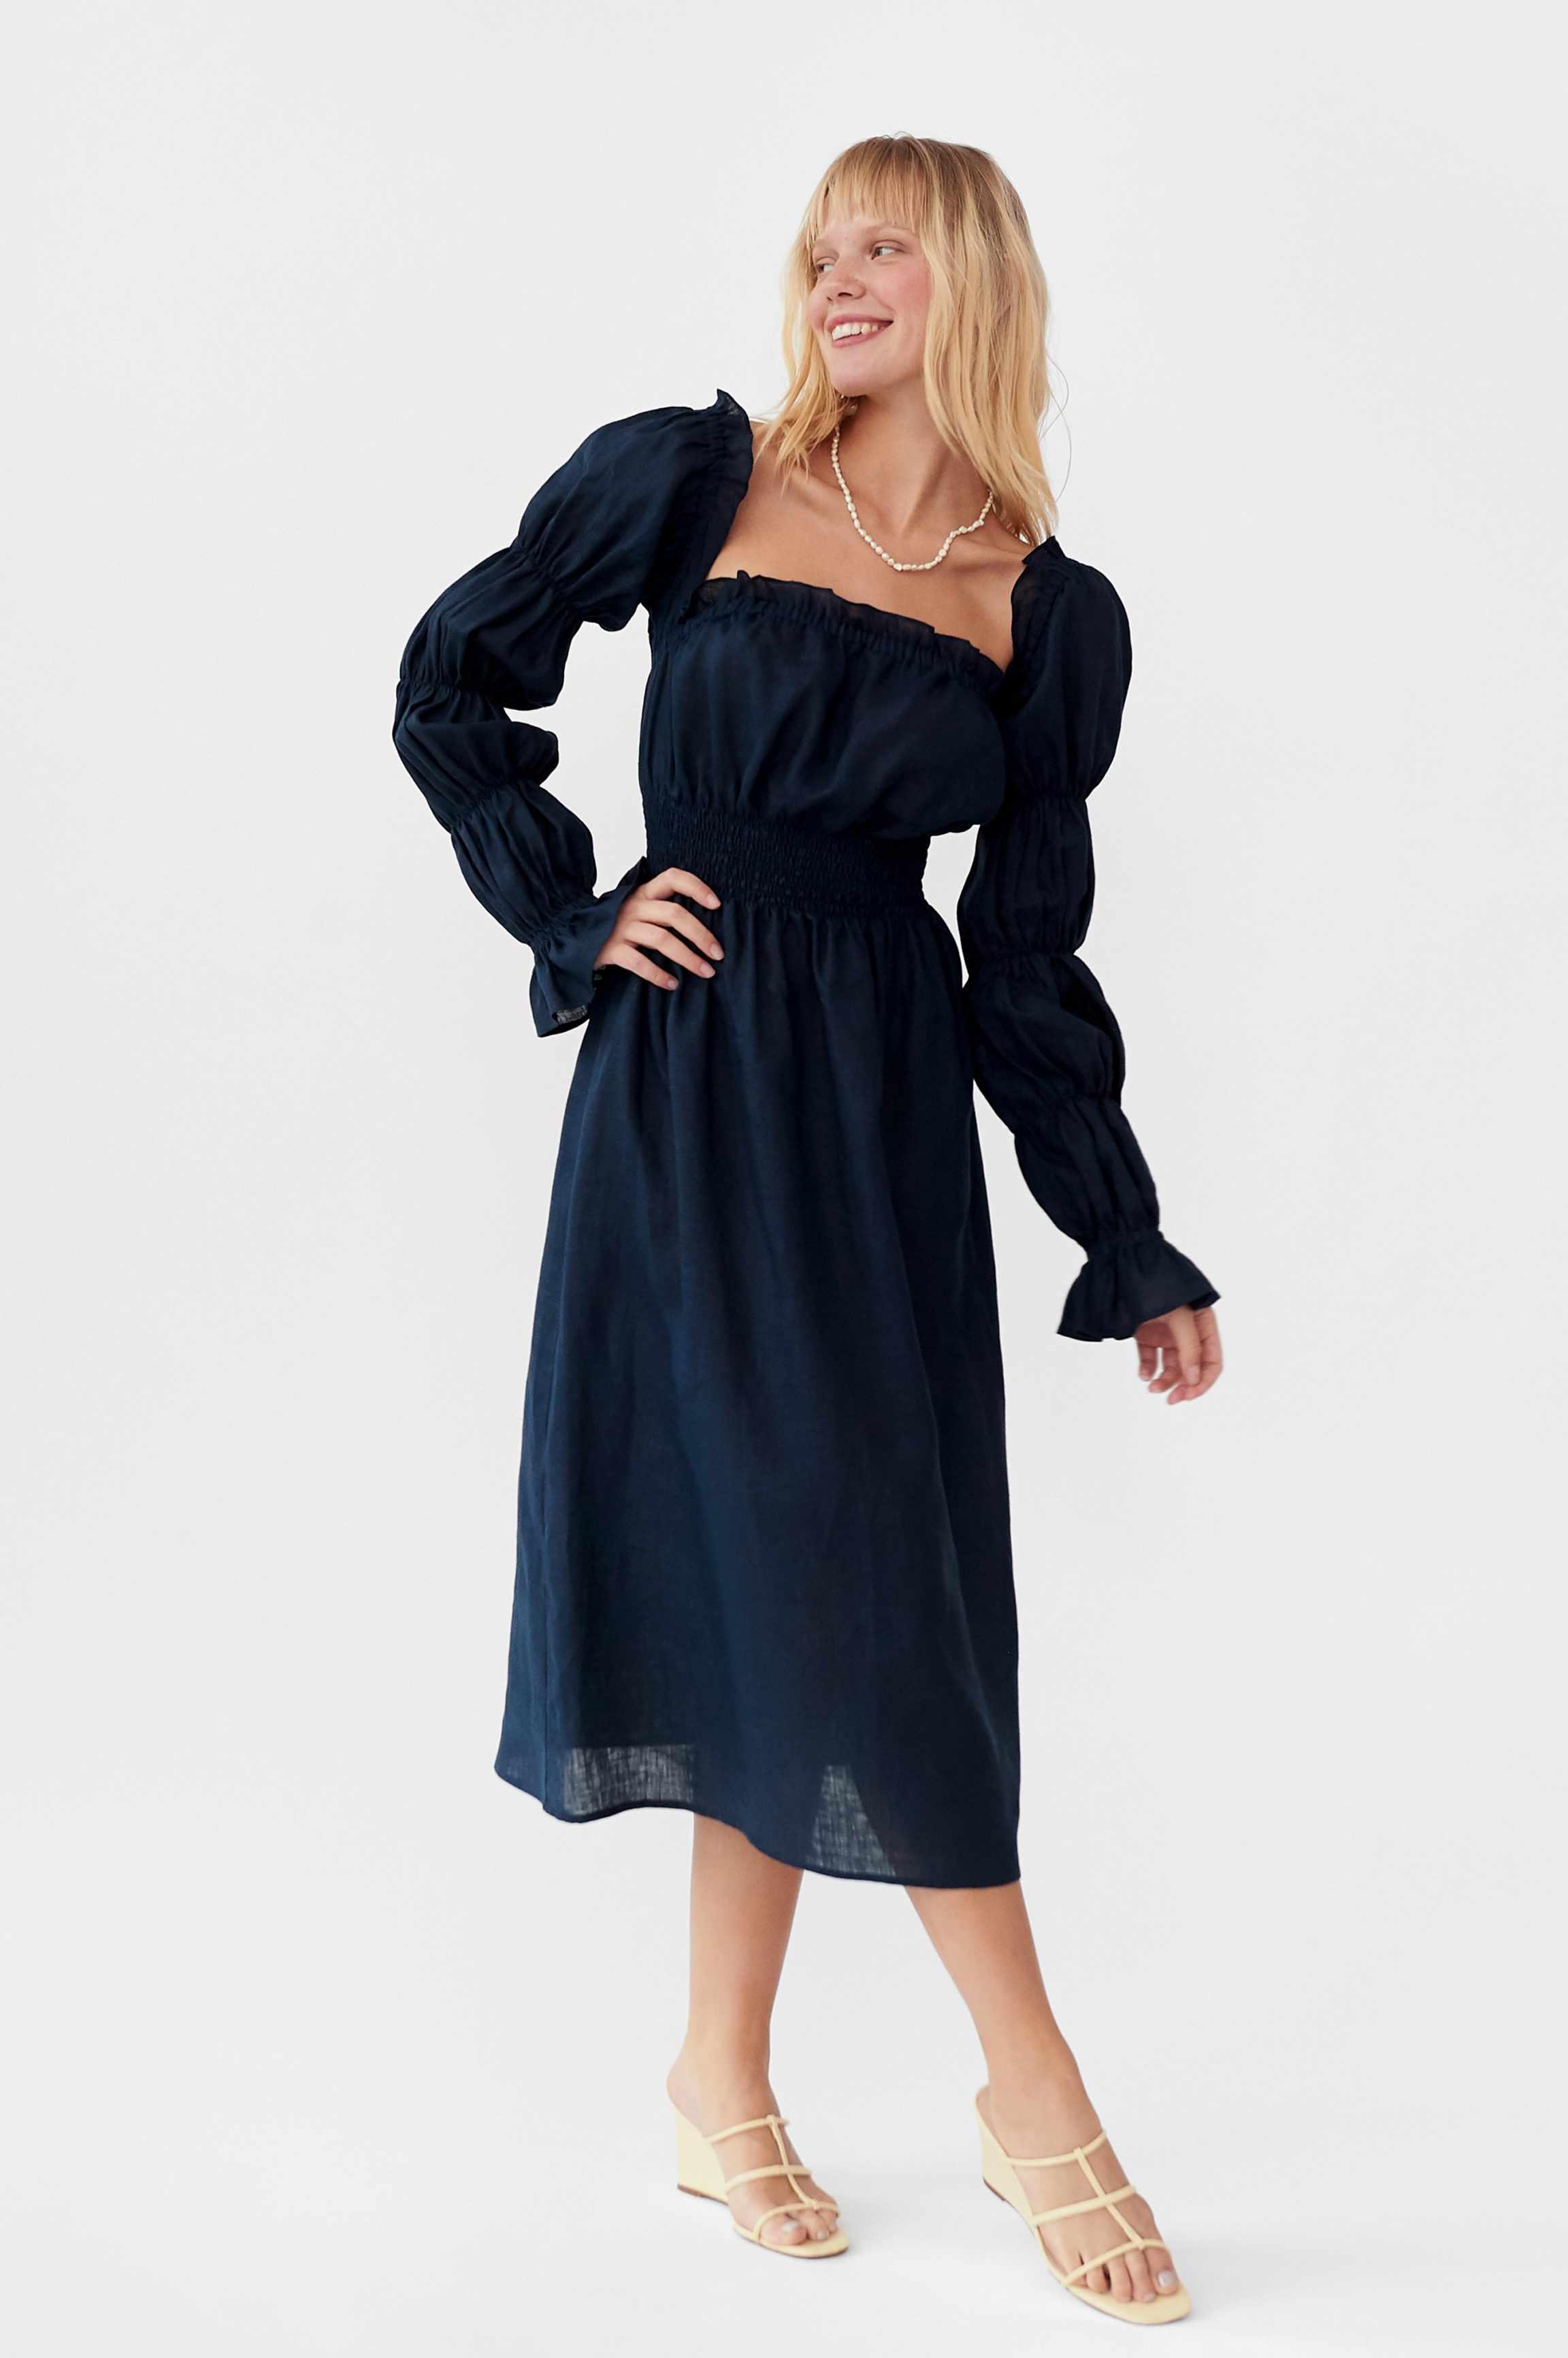 Sleeper Michelin Linen Dress $224 (originally $320)